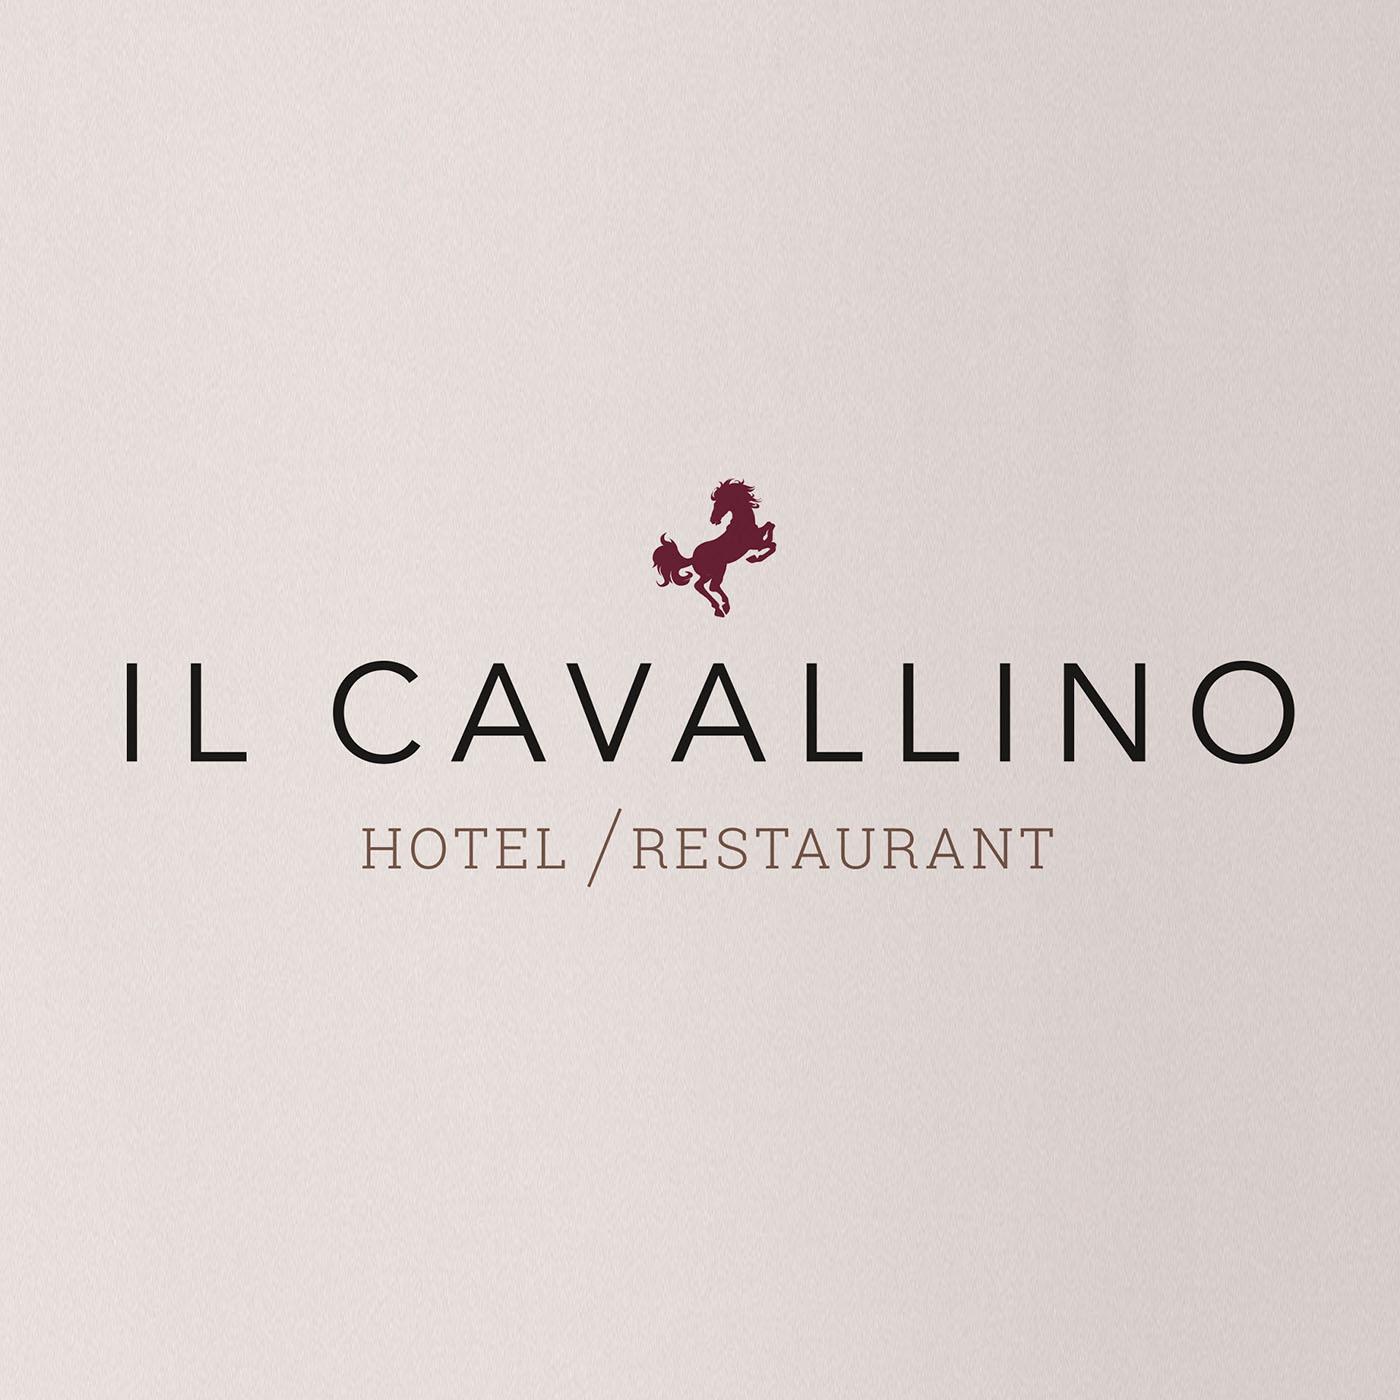 Il Cavallino, Konzept, Grafik, Layout, Logo, Warendorf, Hotel, restaurant, Bennet, Grüttner